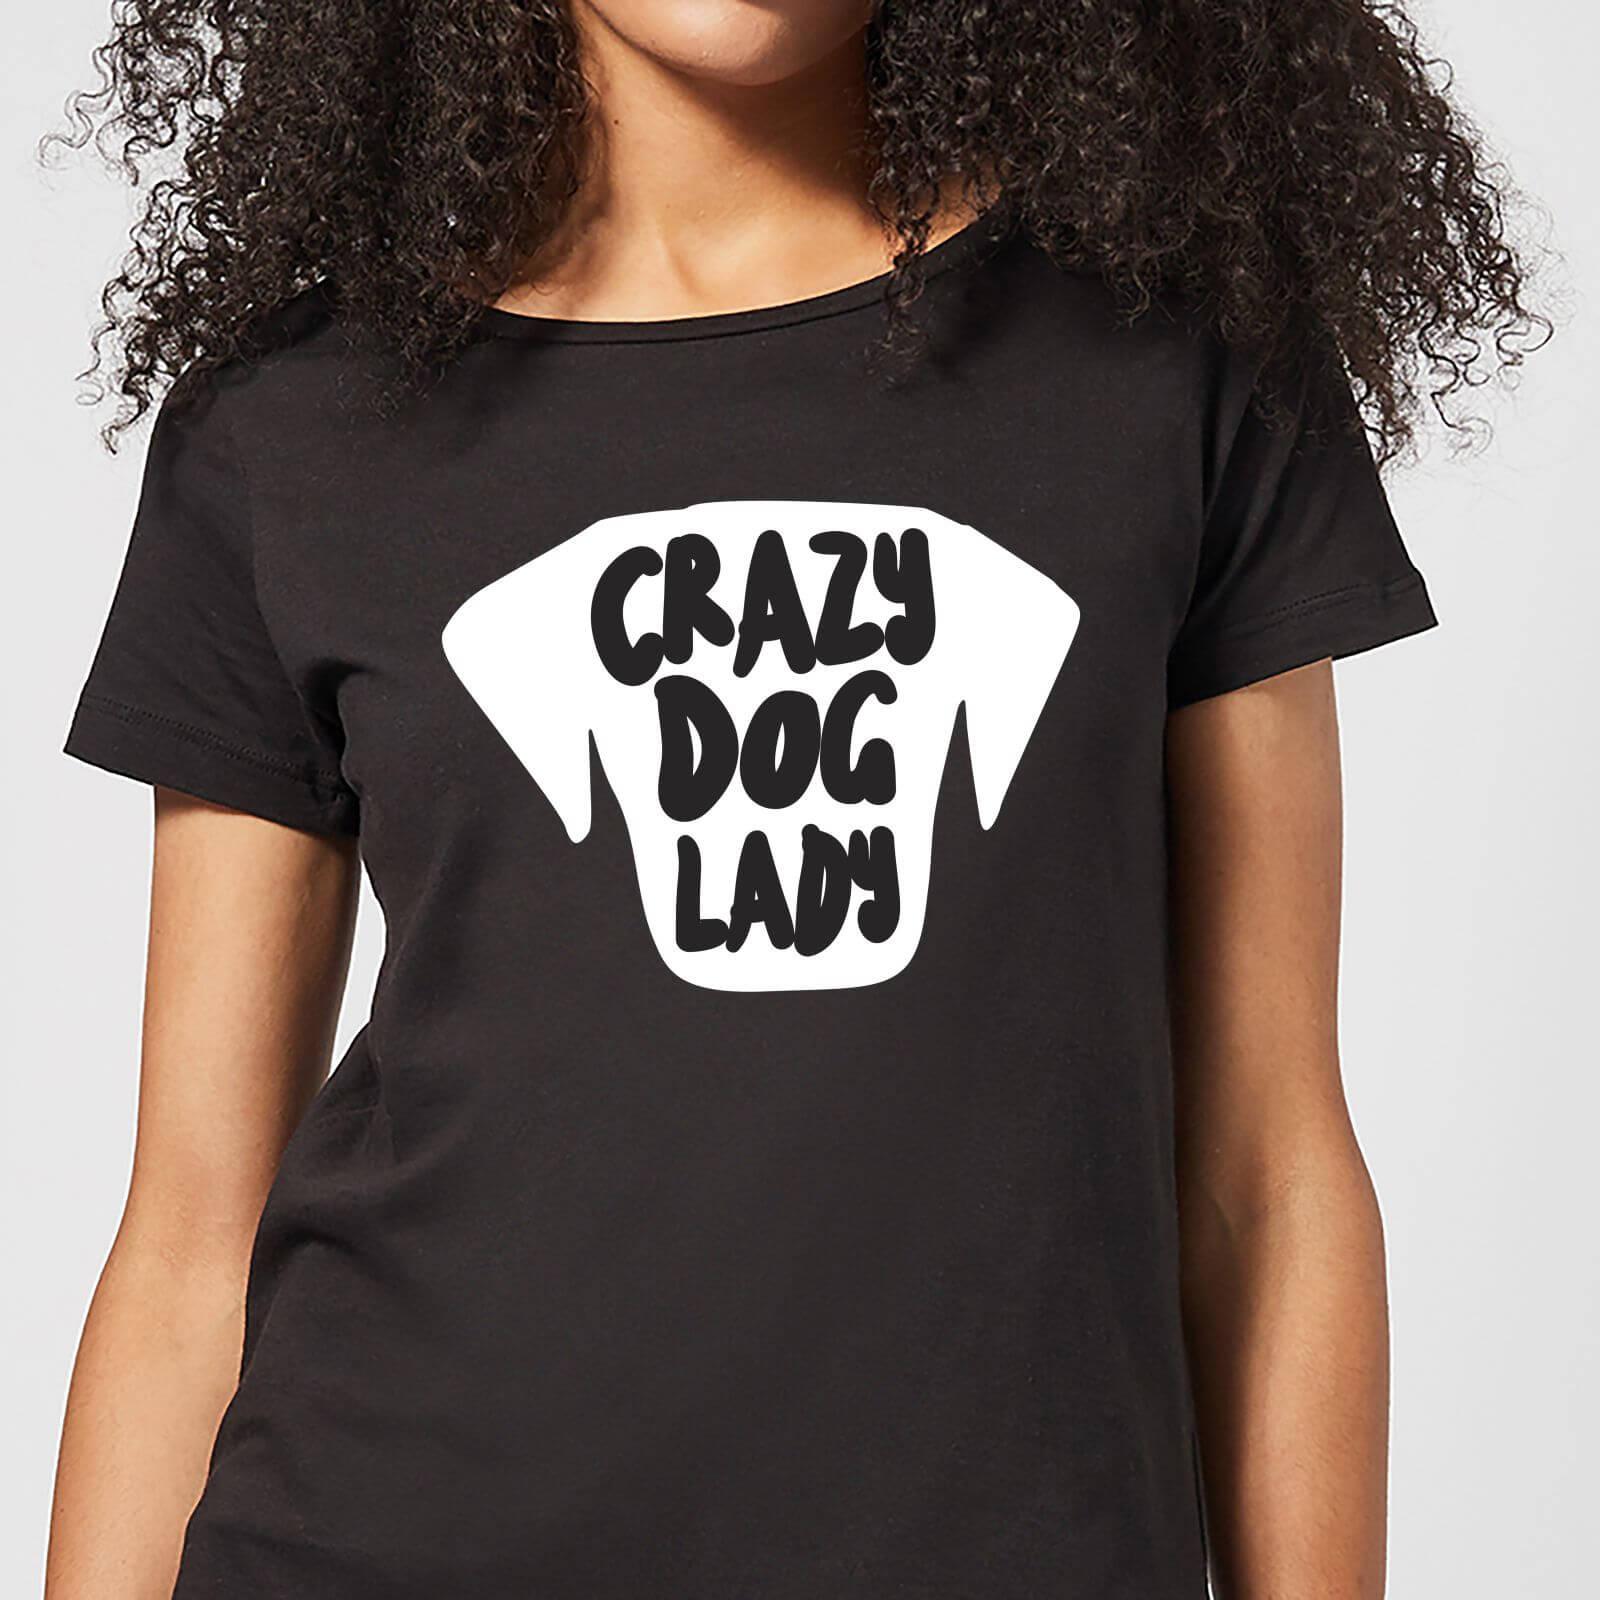 By IWOOT Crazy Dog Lady Women's T-Shirt - Black - 5XL - Black